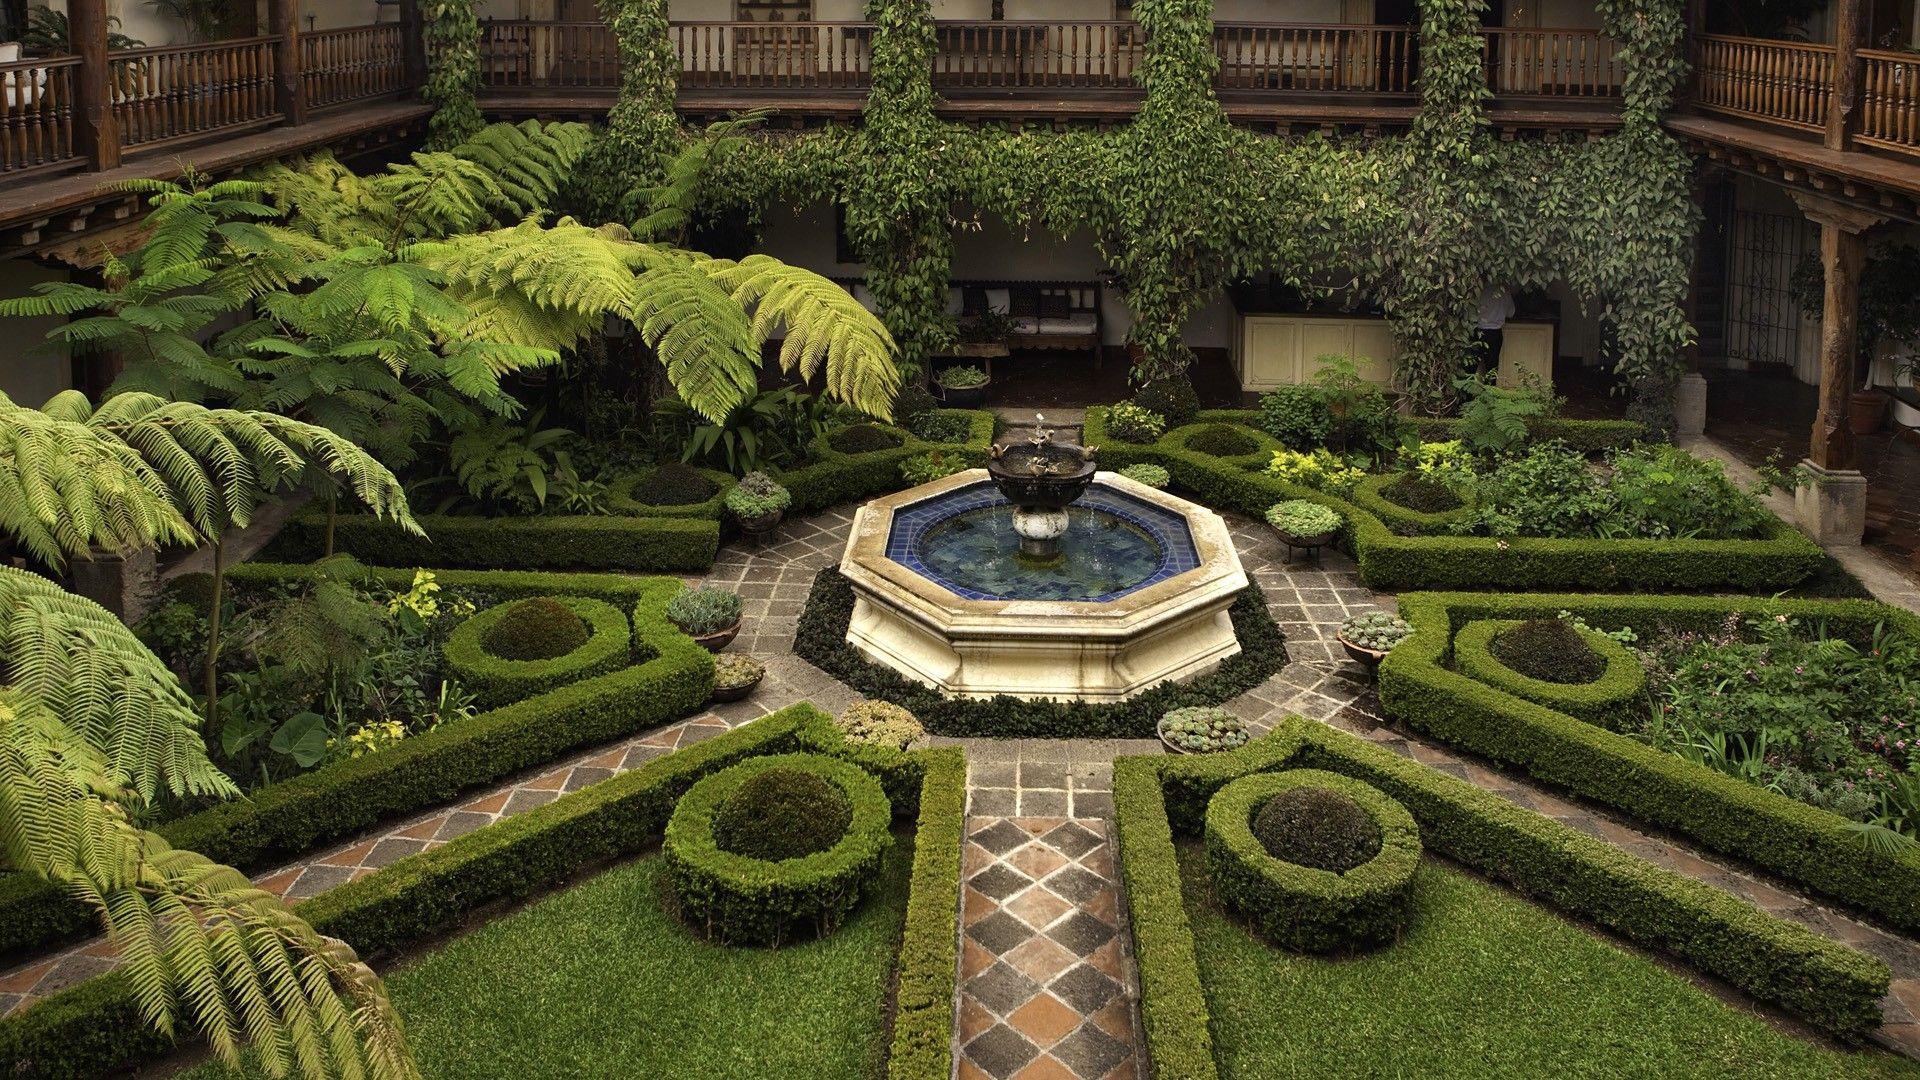 garden courtyard hotel bushes fountain geometric HD Wallpapersjpg